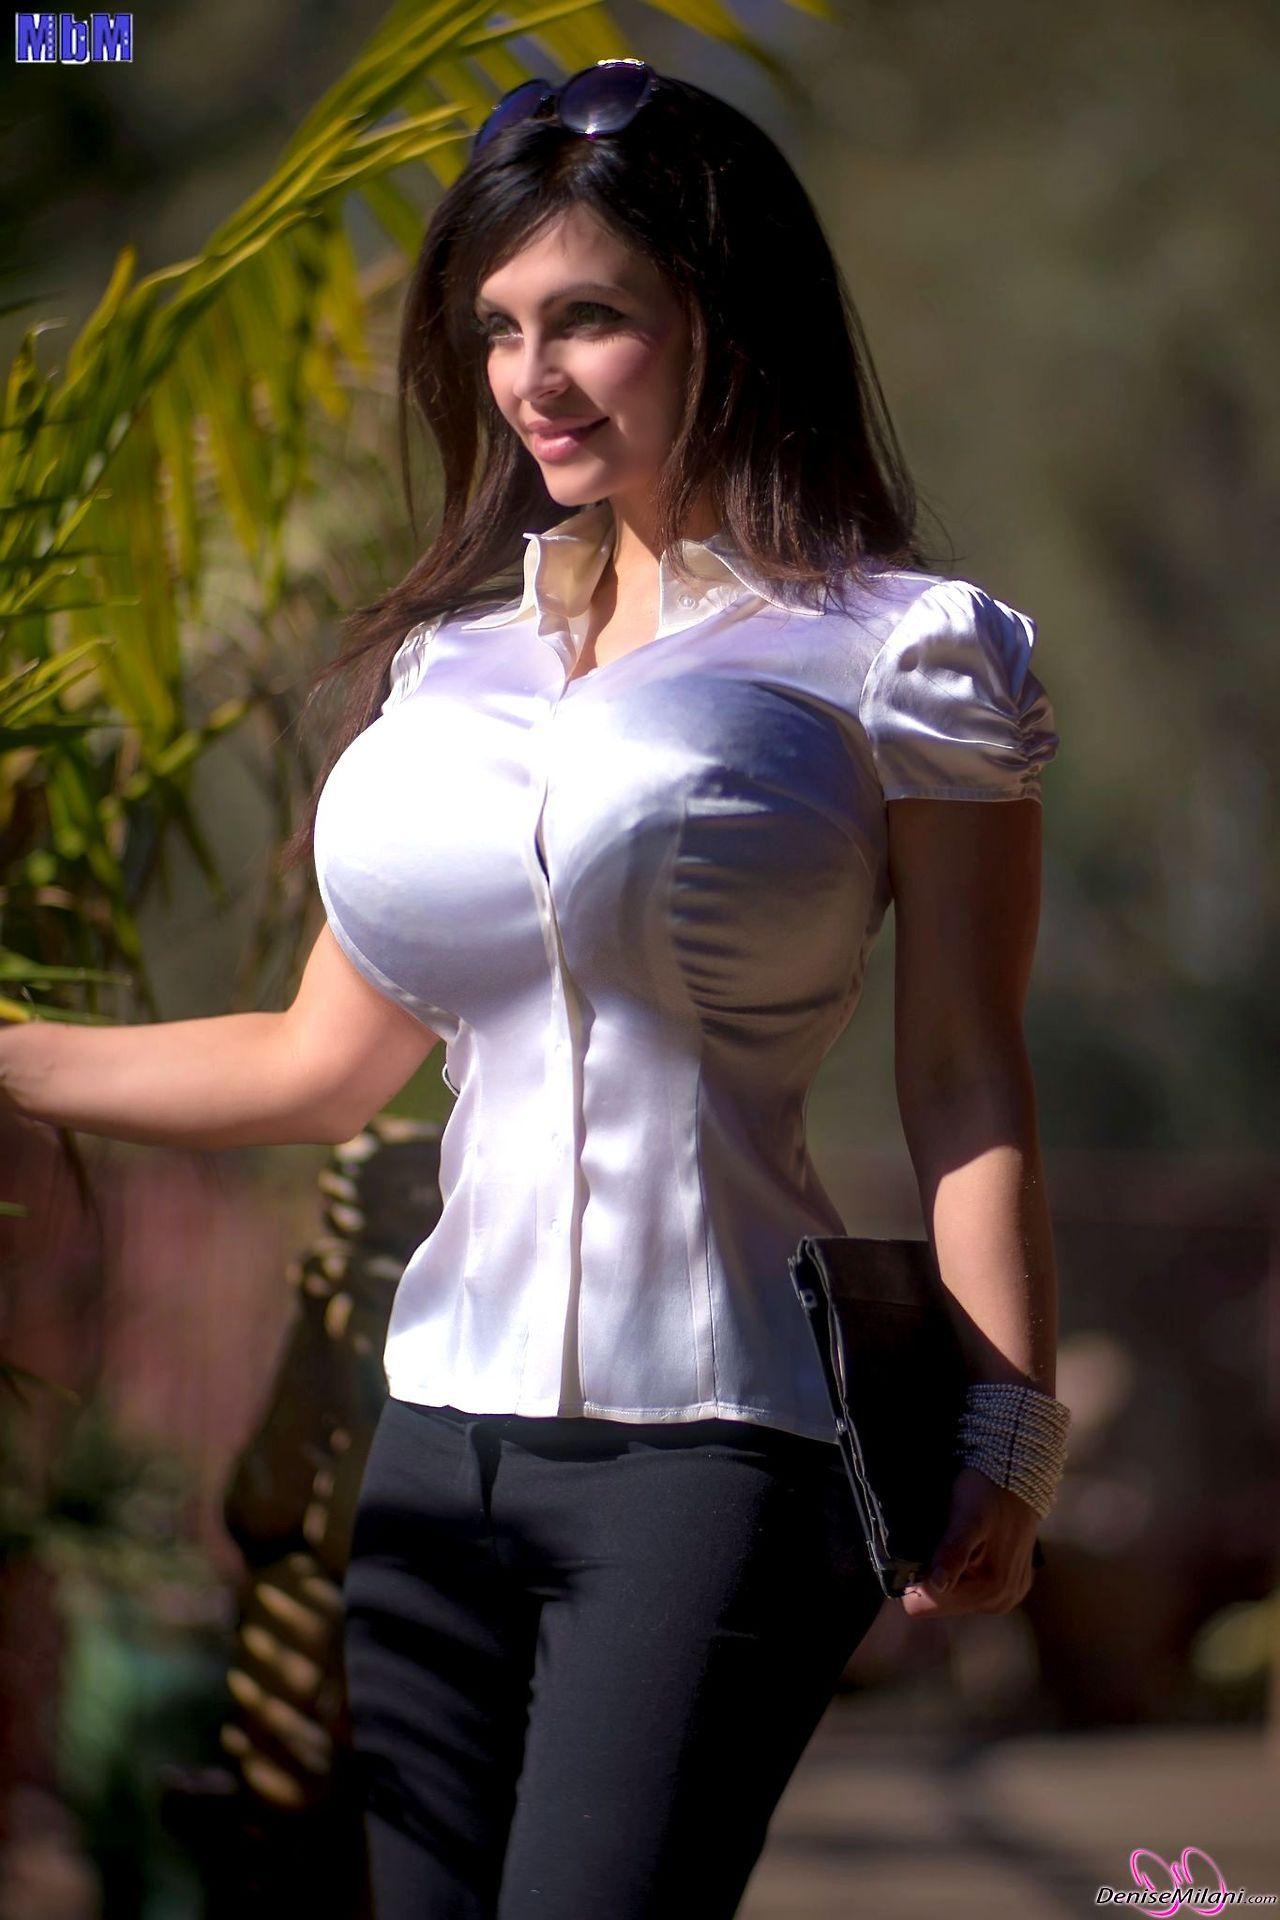 Gabriella love pantyhose